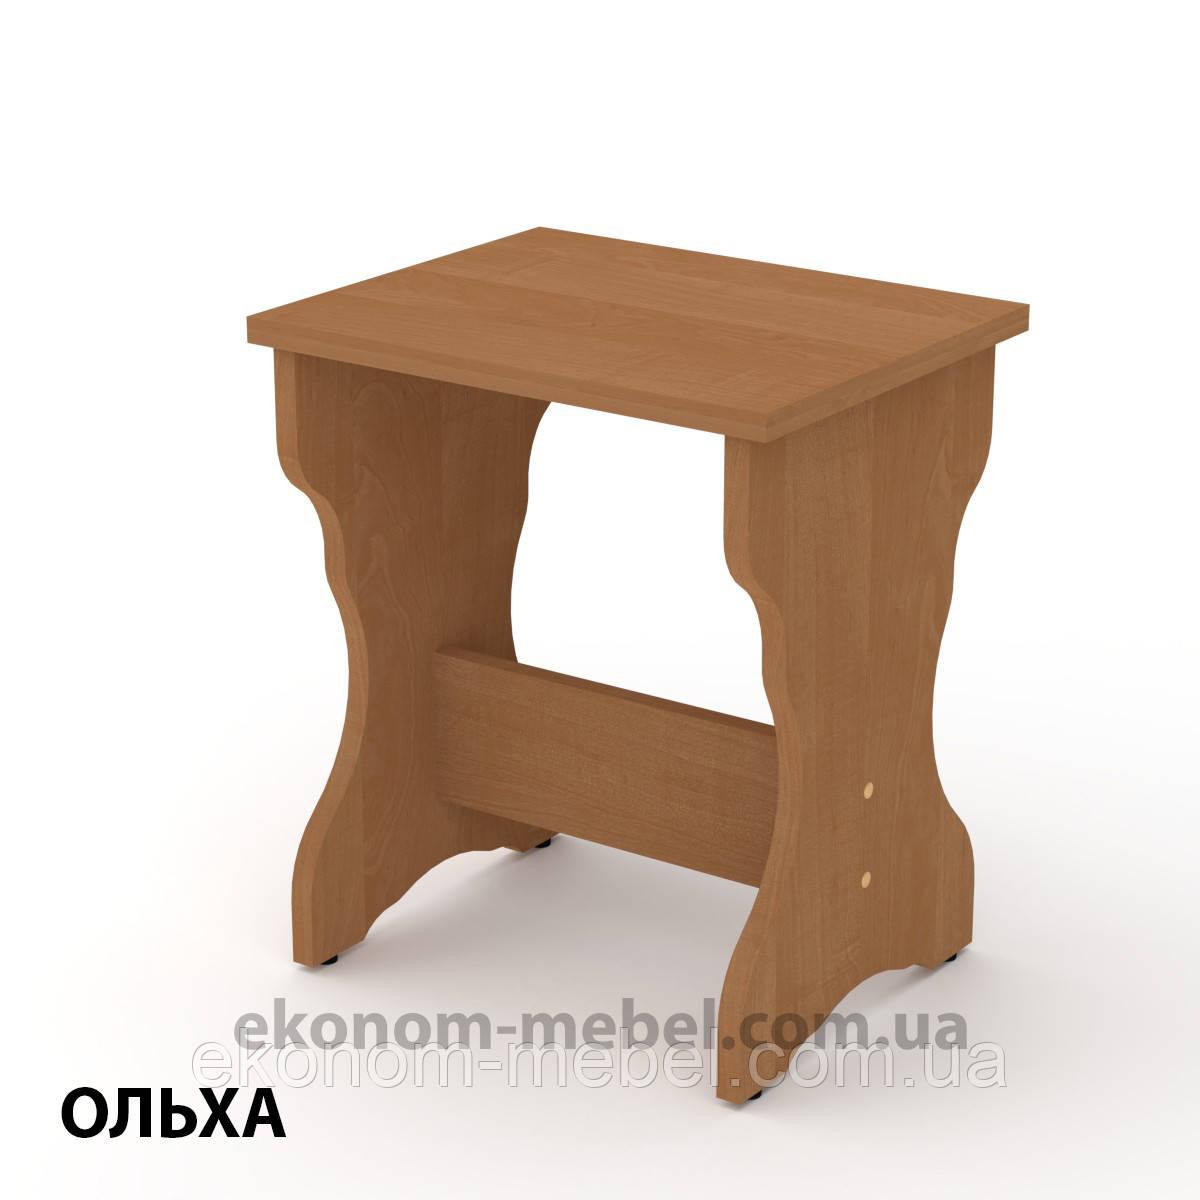 Табурет Т-5 кухонный